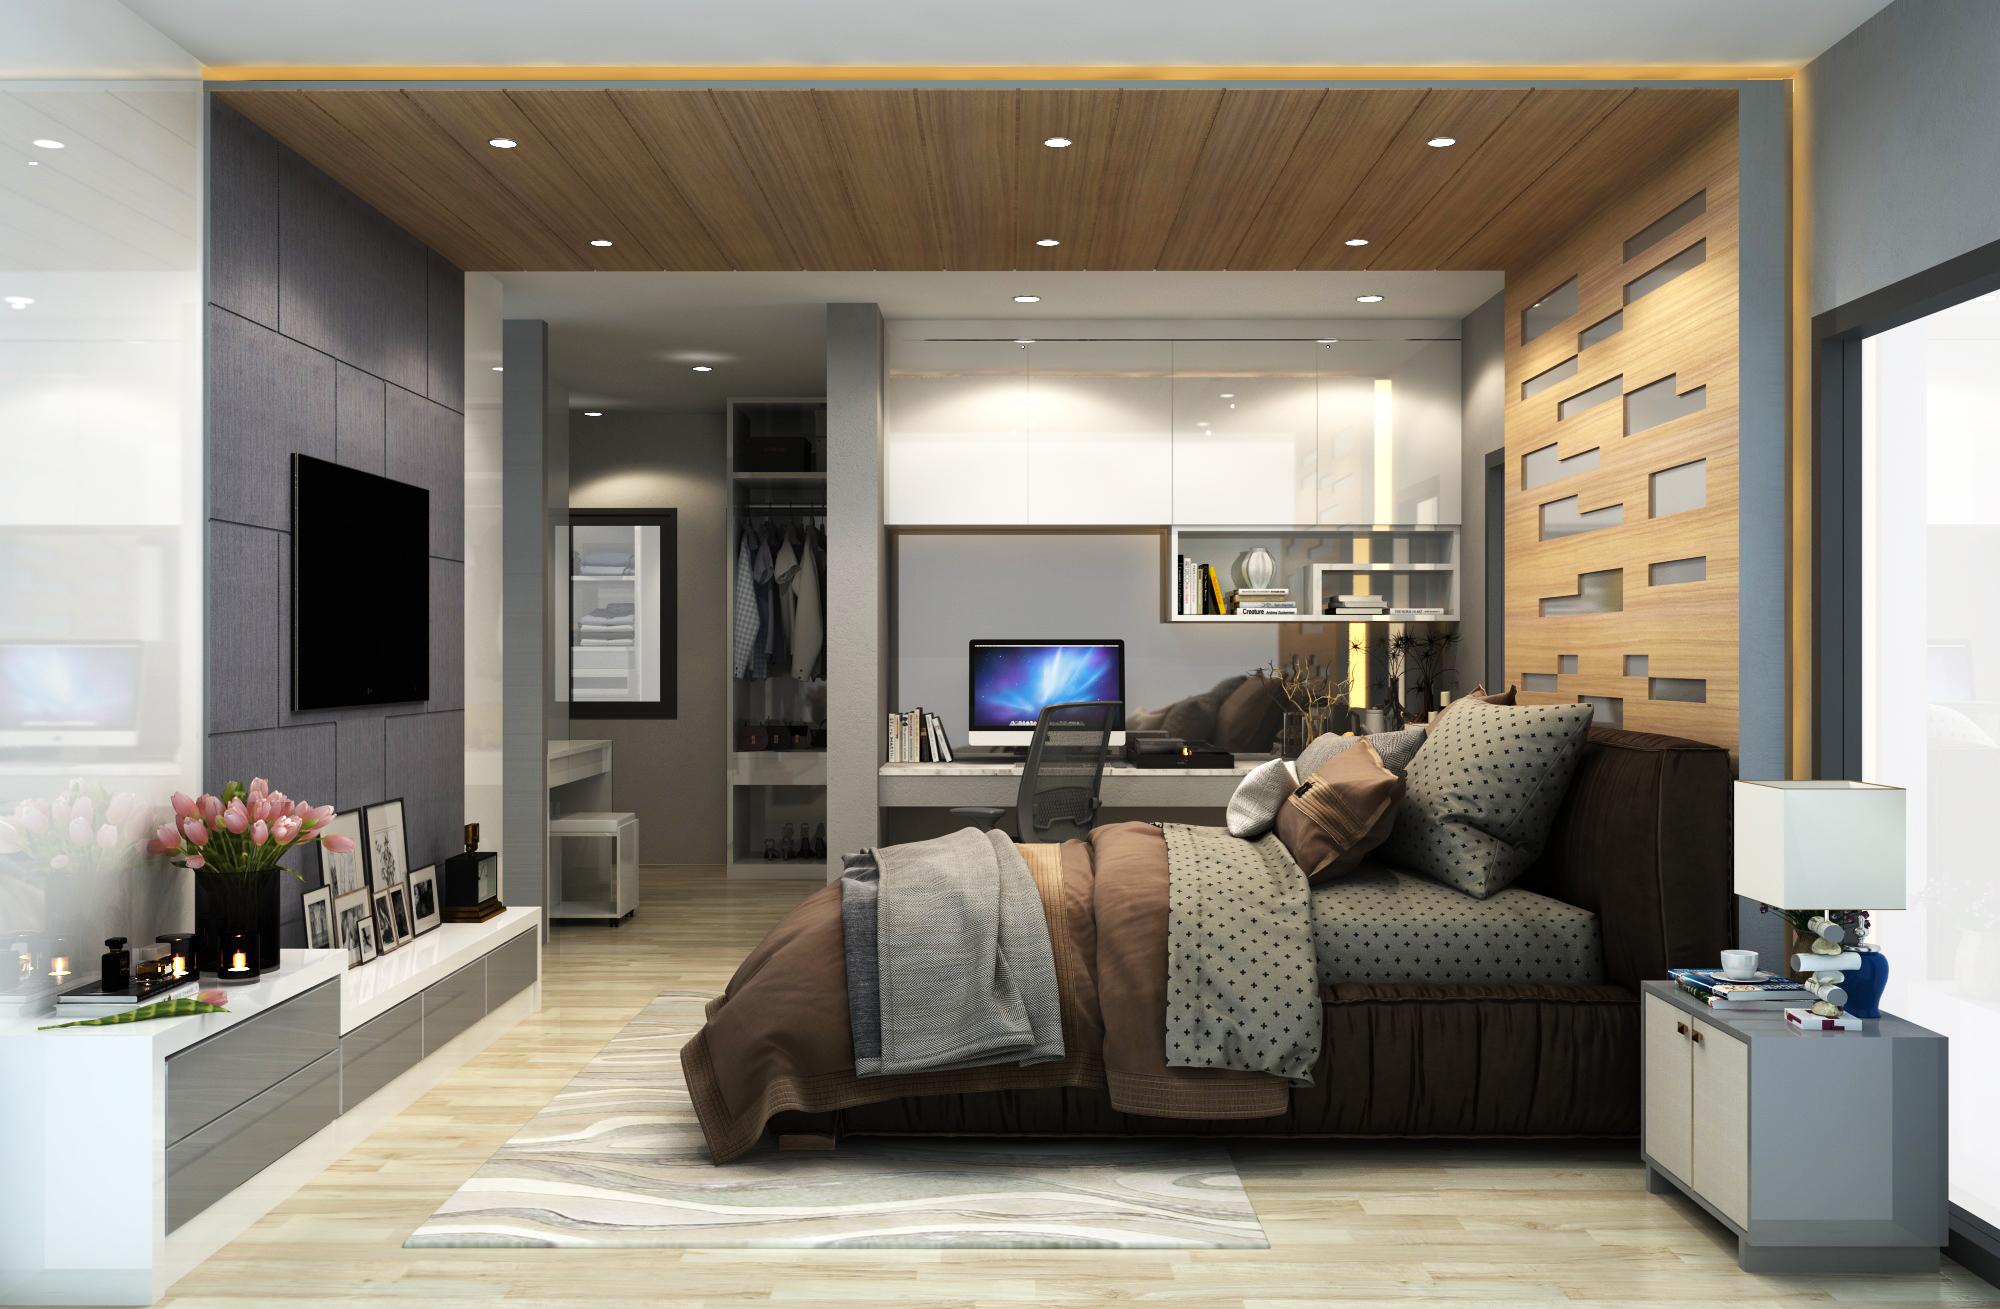 รับทำภาพ 3D interior ออกแบบตกแต่งภายใน